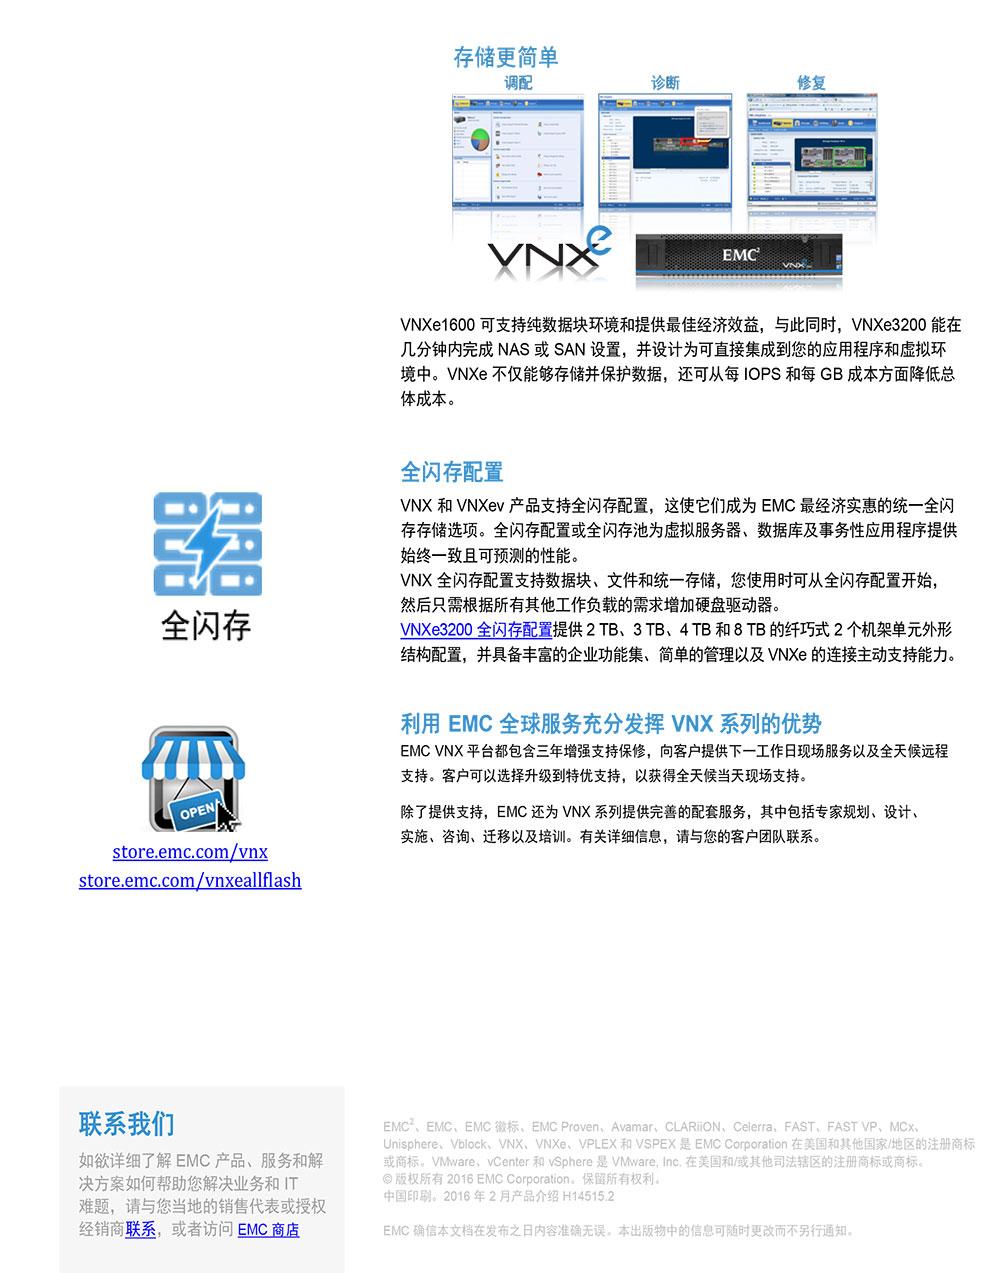 以企业为中心的 EMC VNX、 中端存储 - DELL存储 - 北京双鑫汇在线科技